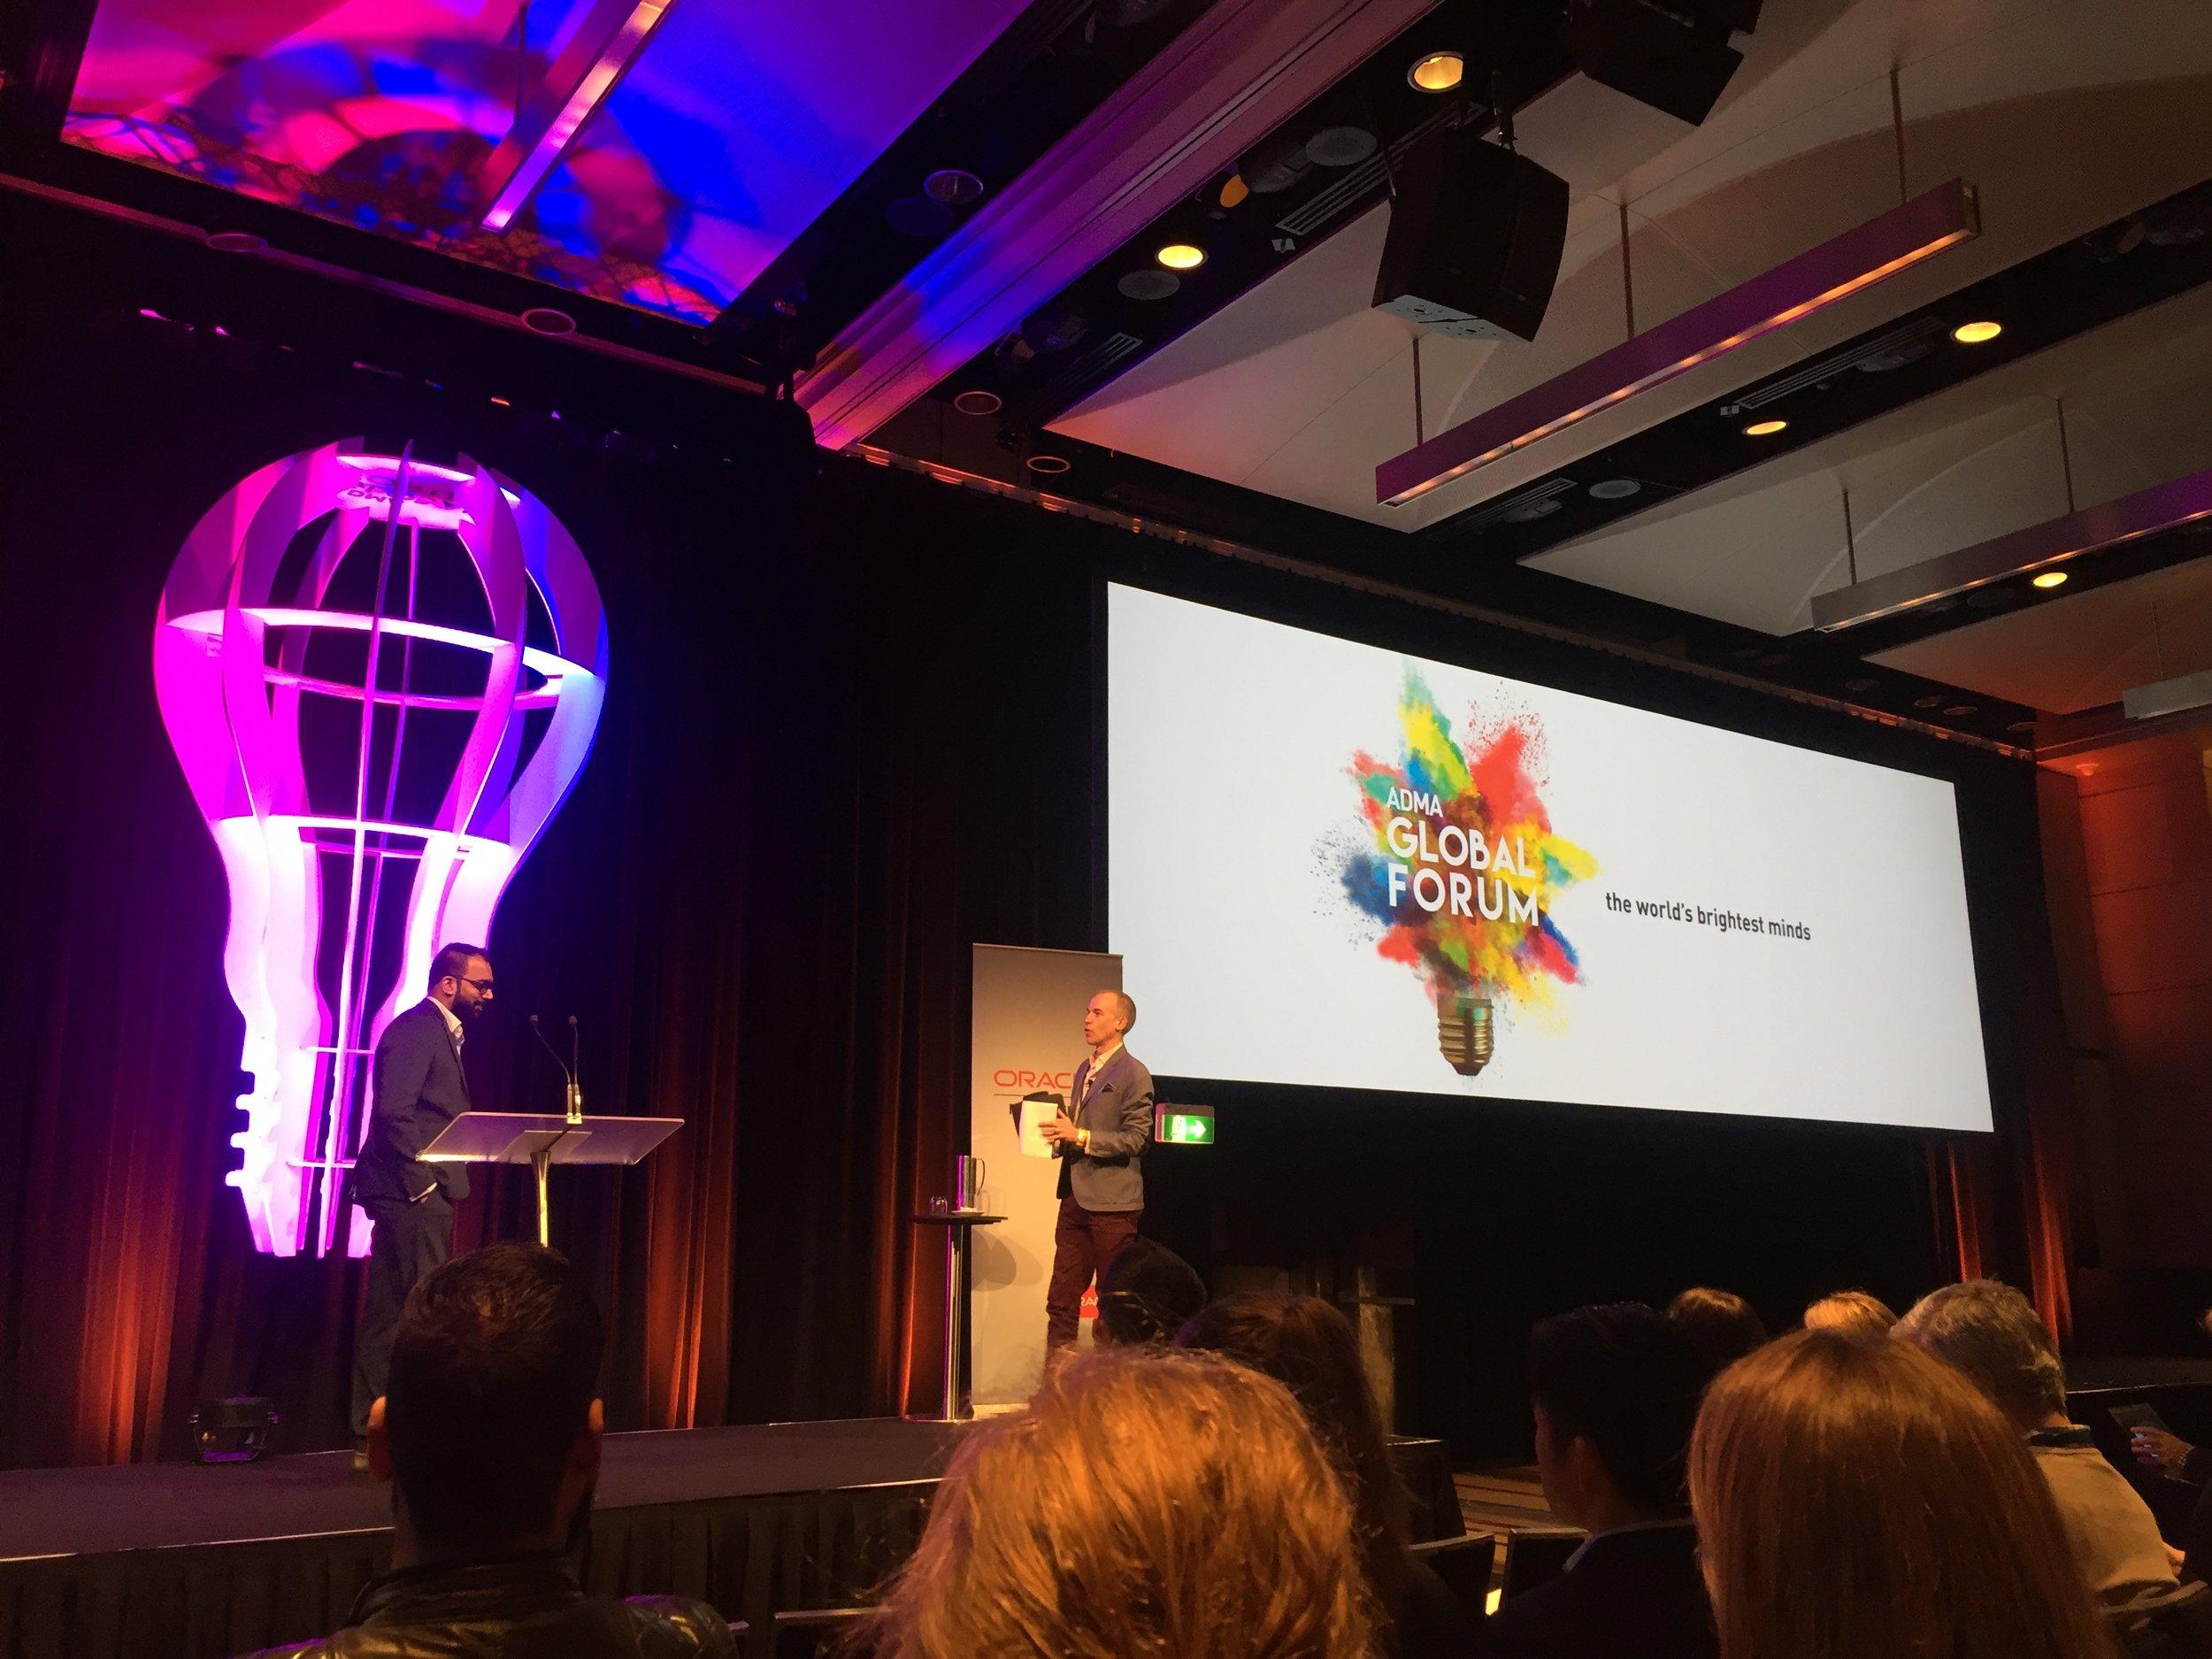 ADMA Global Forum speakers in Sydney